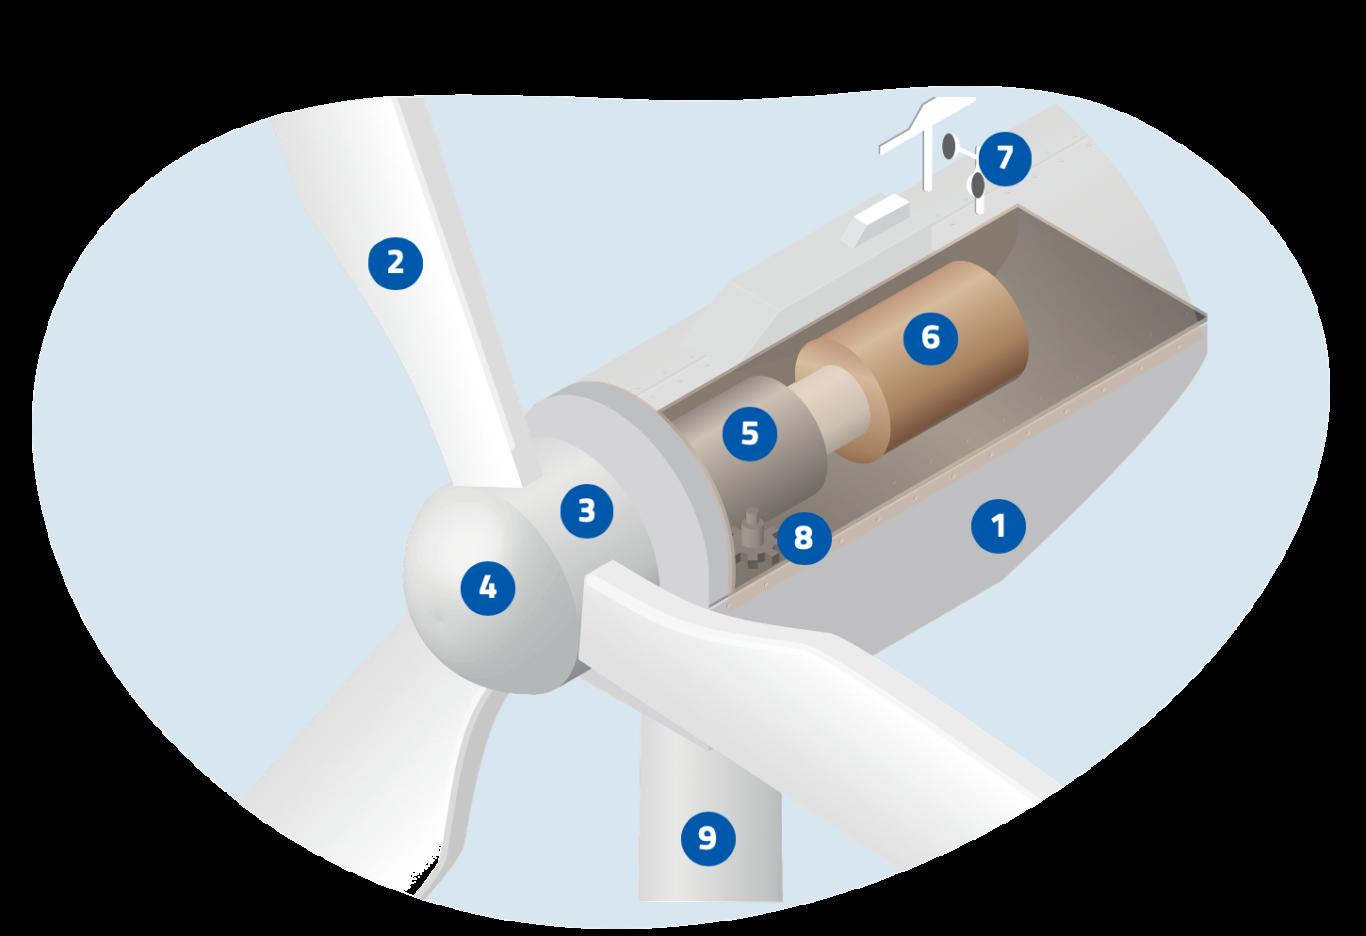 Image fonctionnement éolien